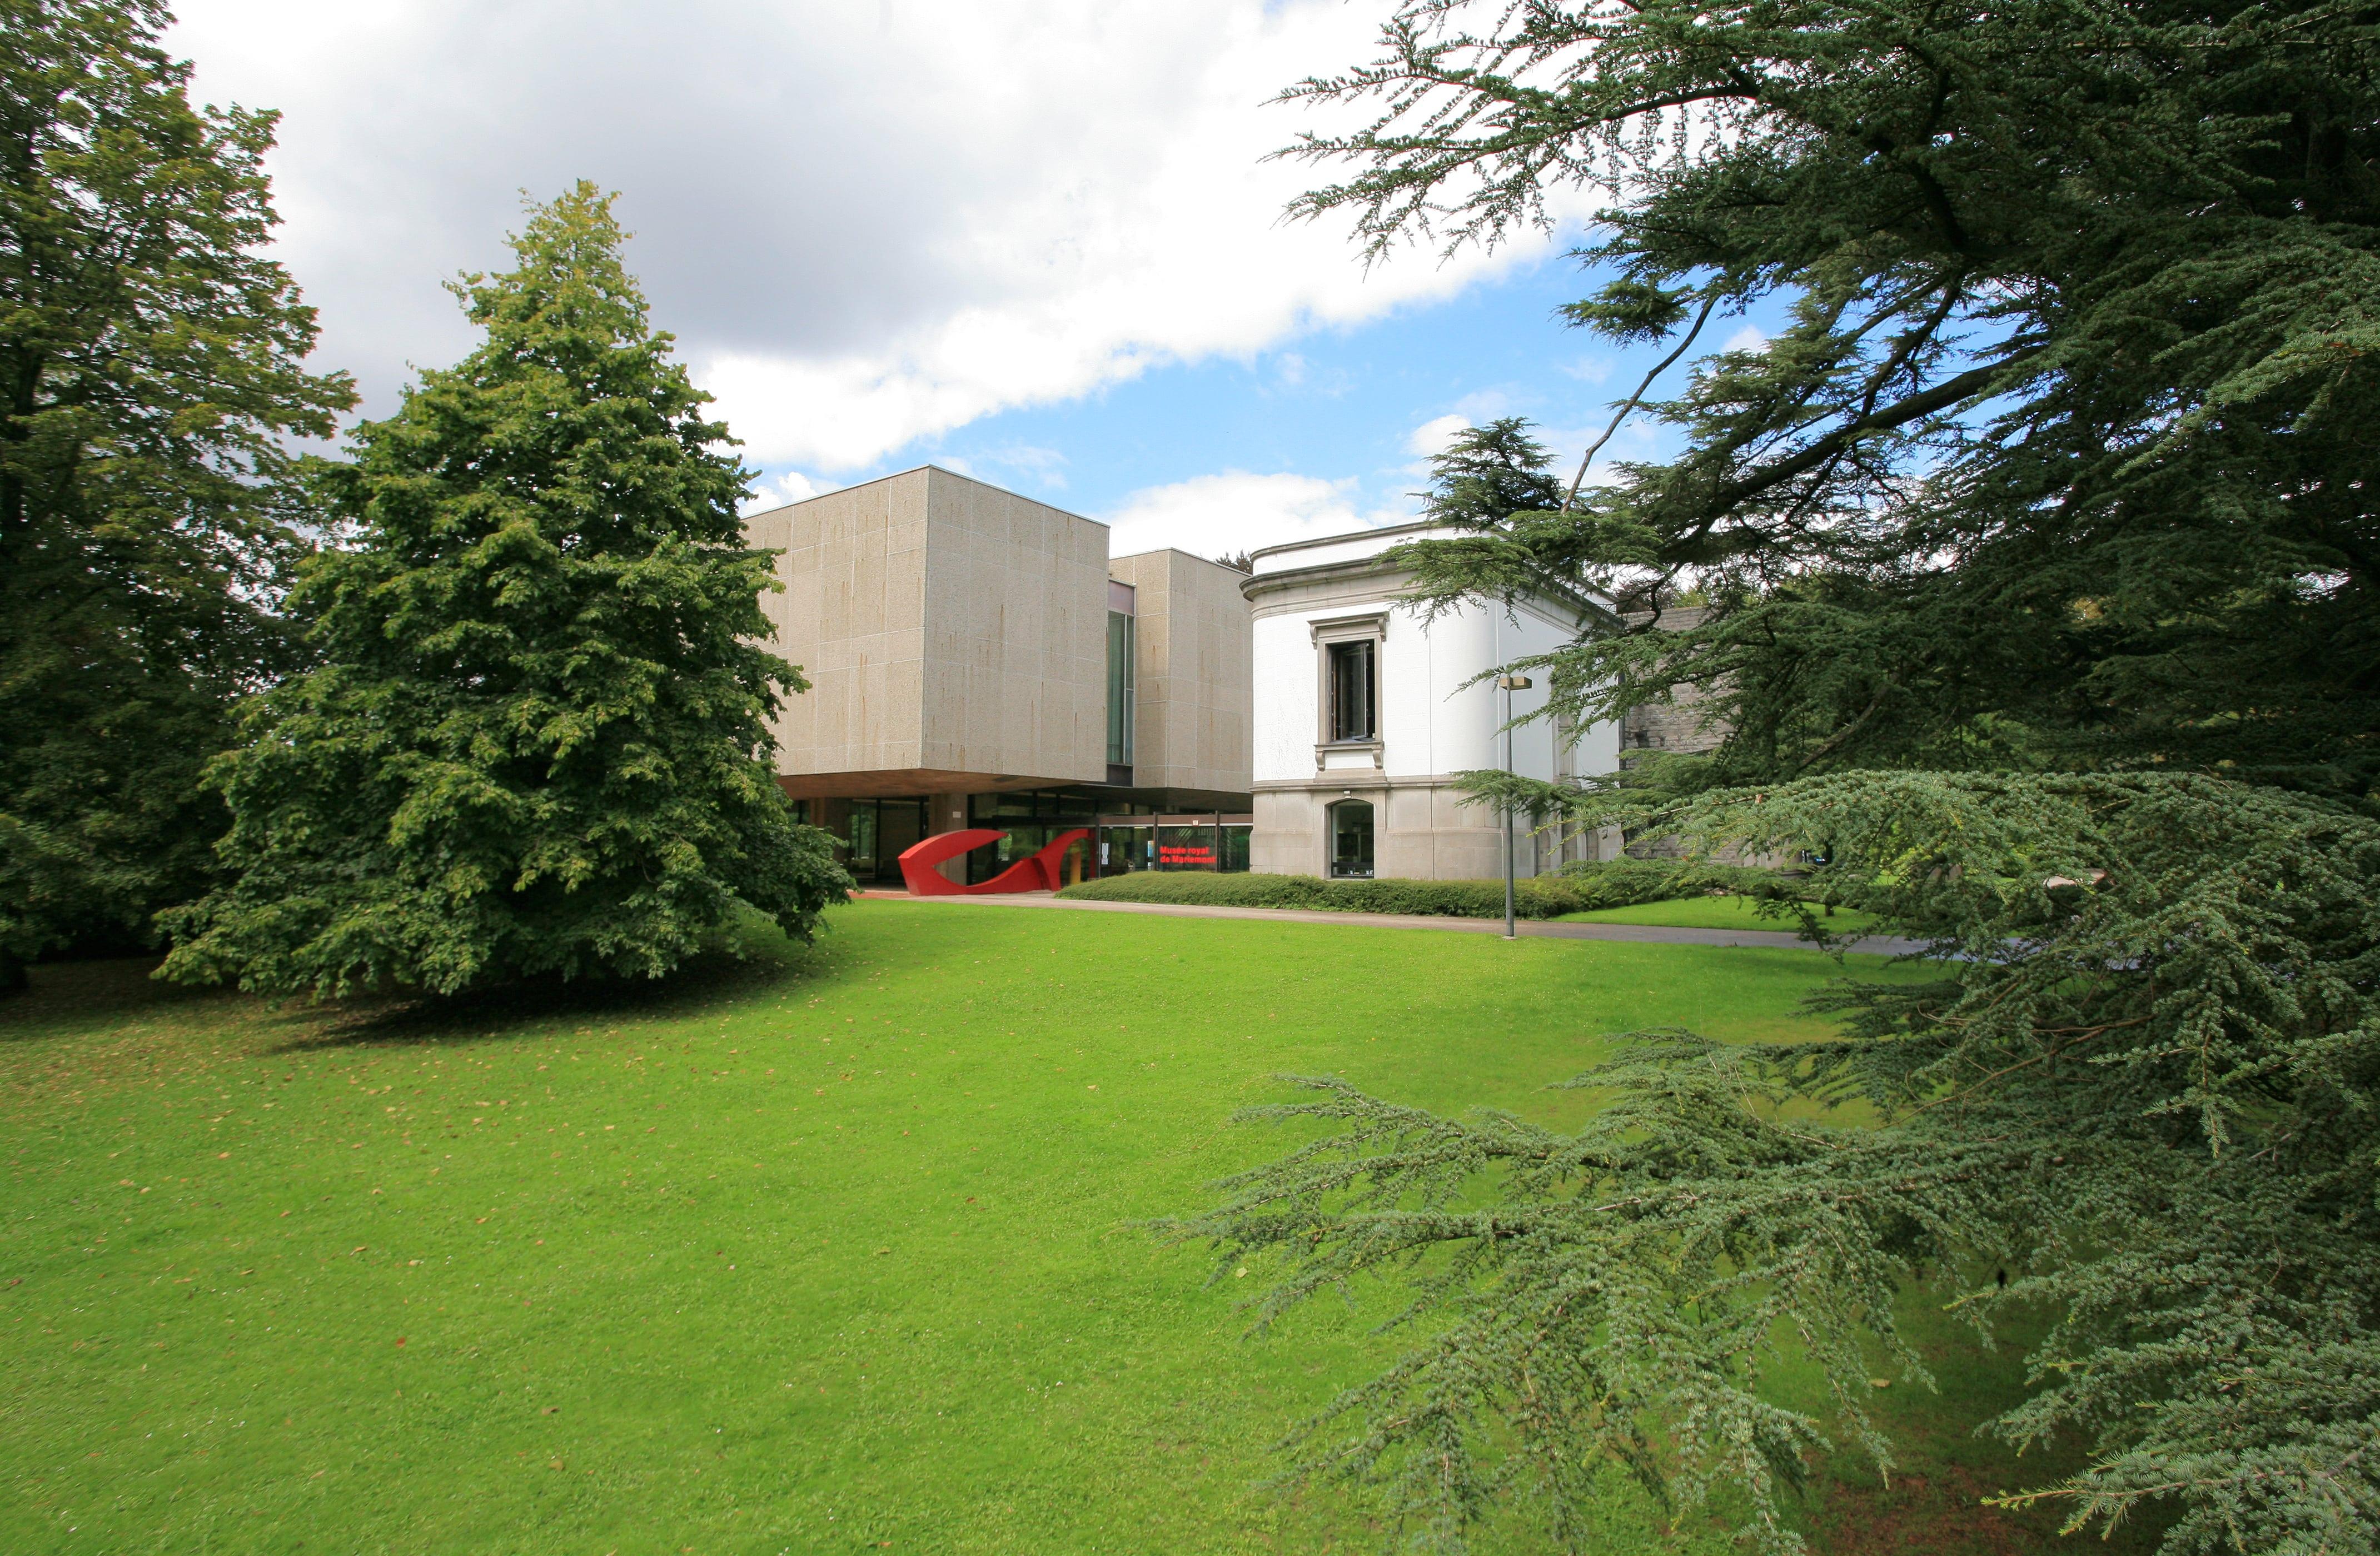 MRM - Entrée Musée (c) MRM